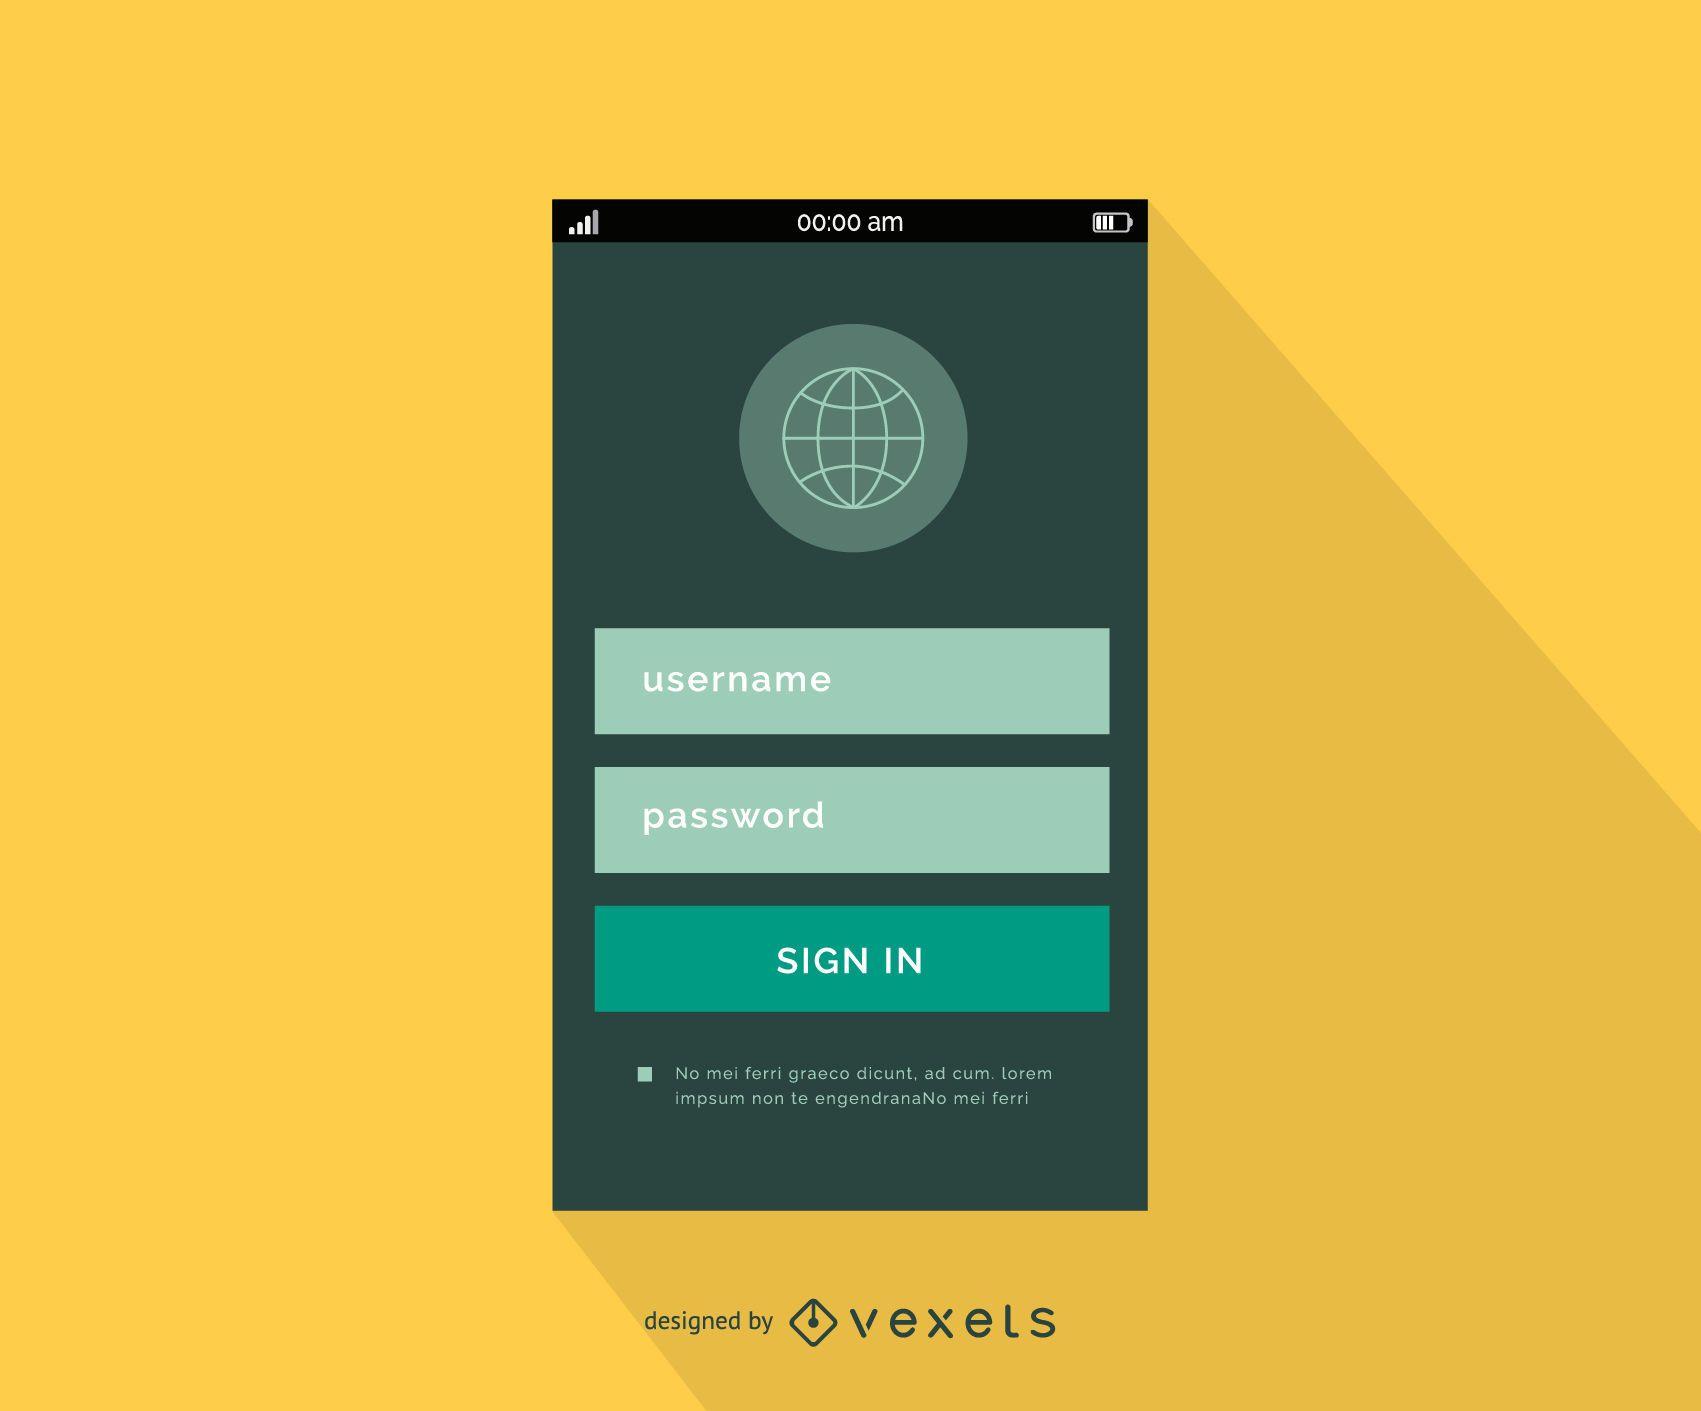 Diseño de interfaz de inicio de sesión móvil